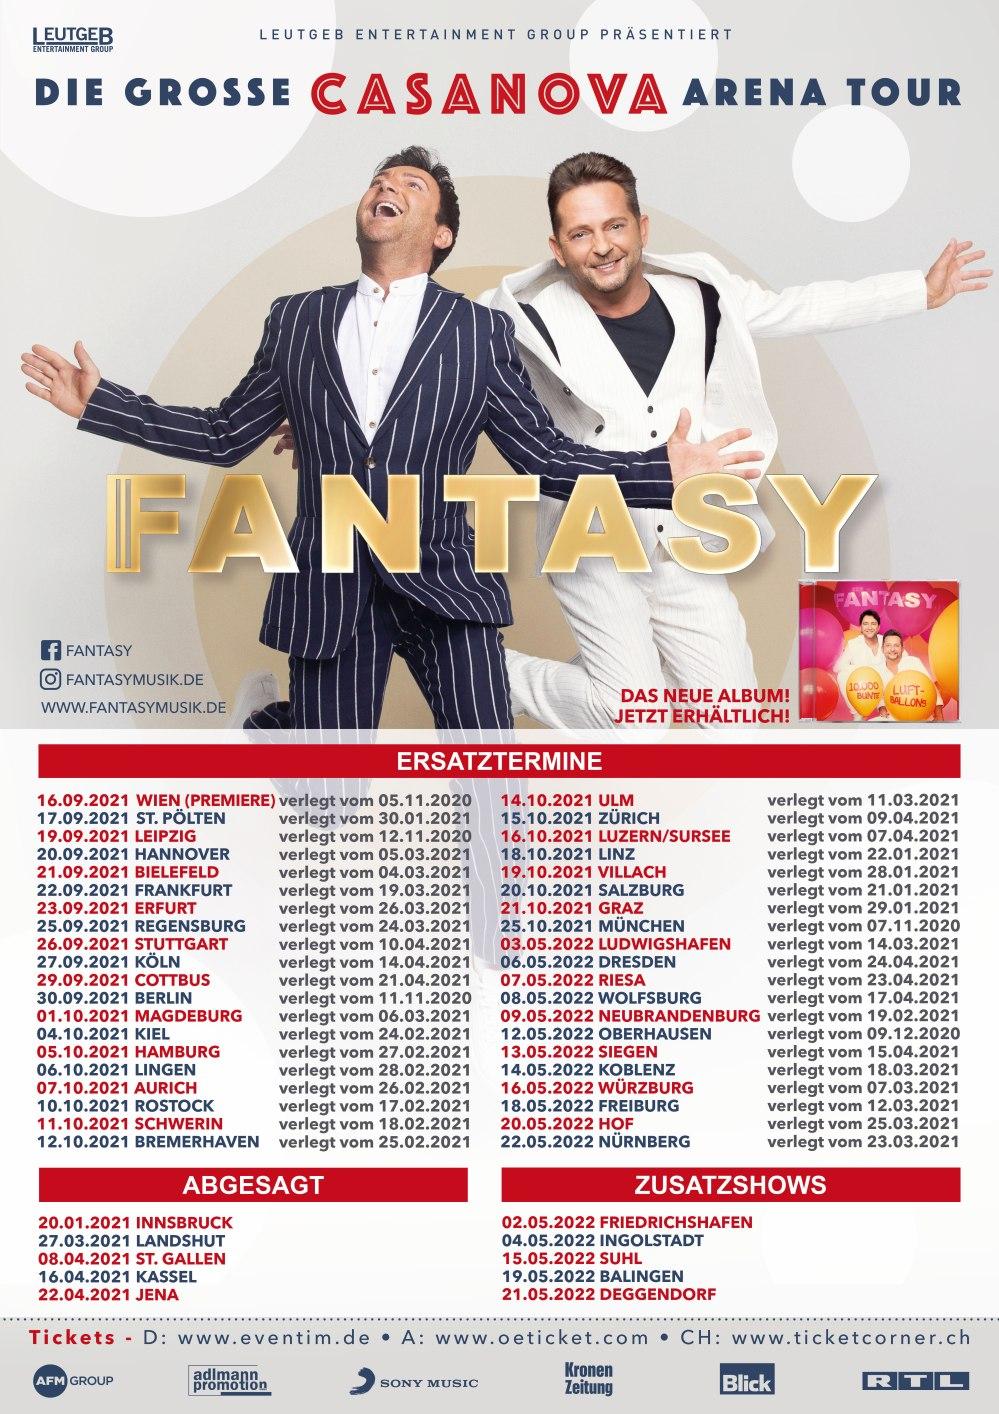 Tourneeverschiebung: Schlagerduo FANTASY - DIE GROSSE CASANOVA ARENA TOUR 2021/2022